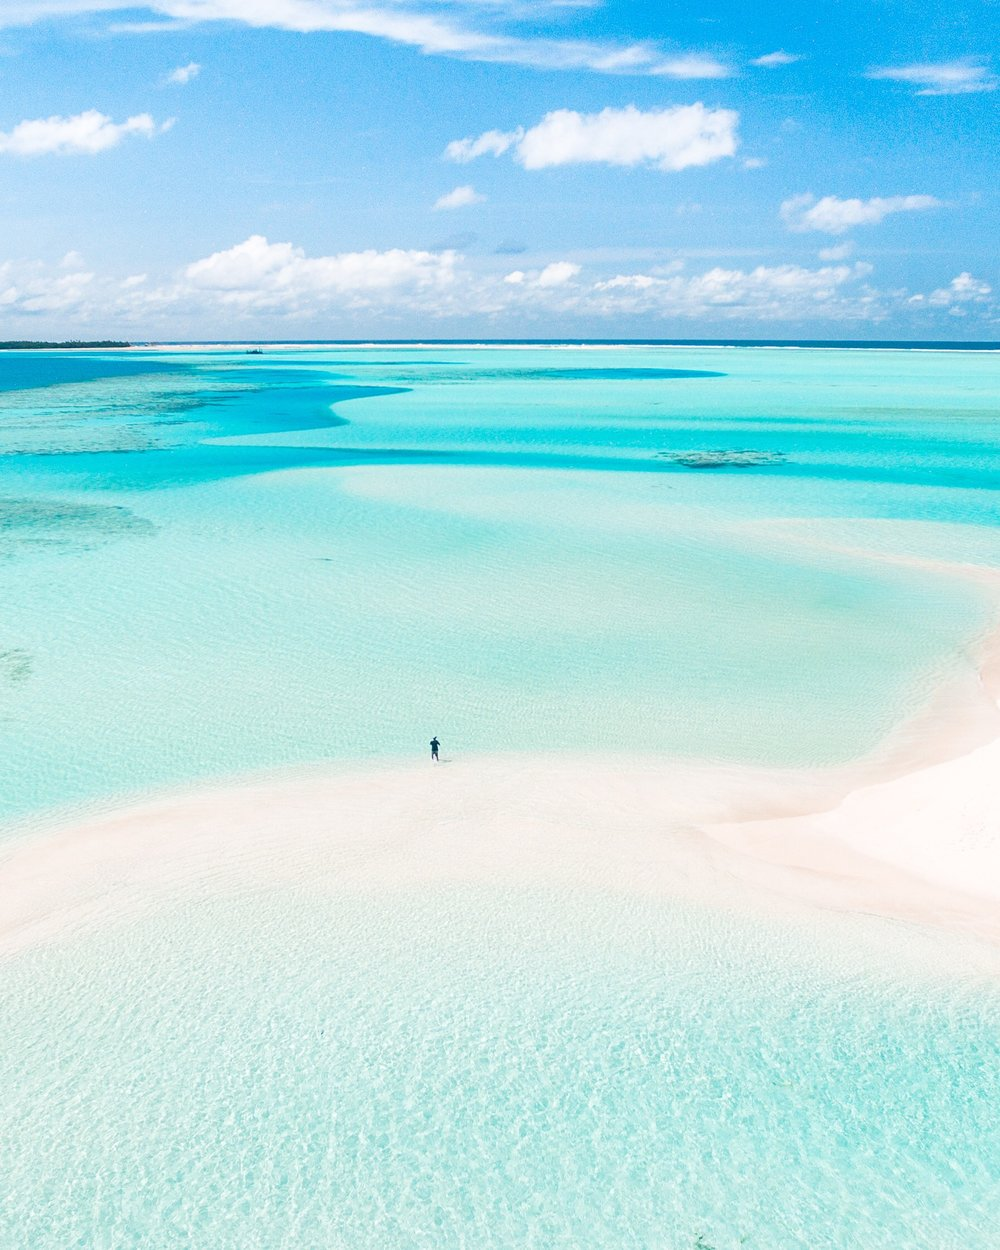 DOWNLOAD   - sandbar in the maldives credit: Ishan Hassan